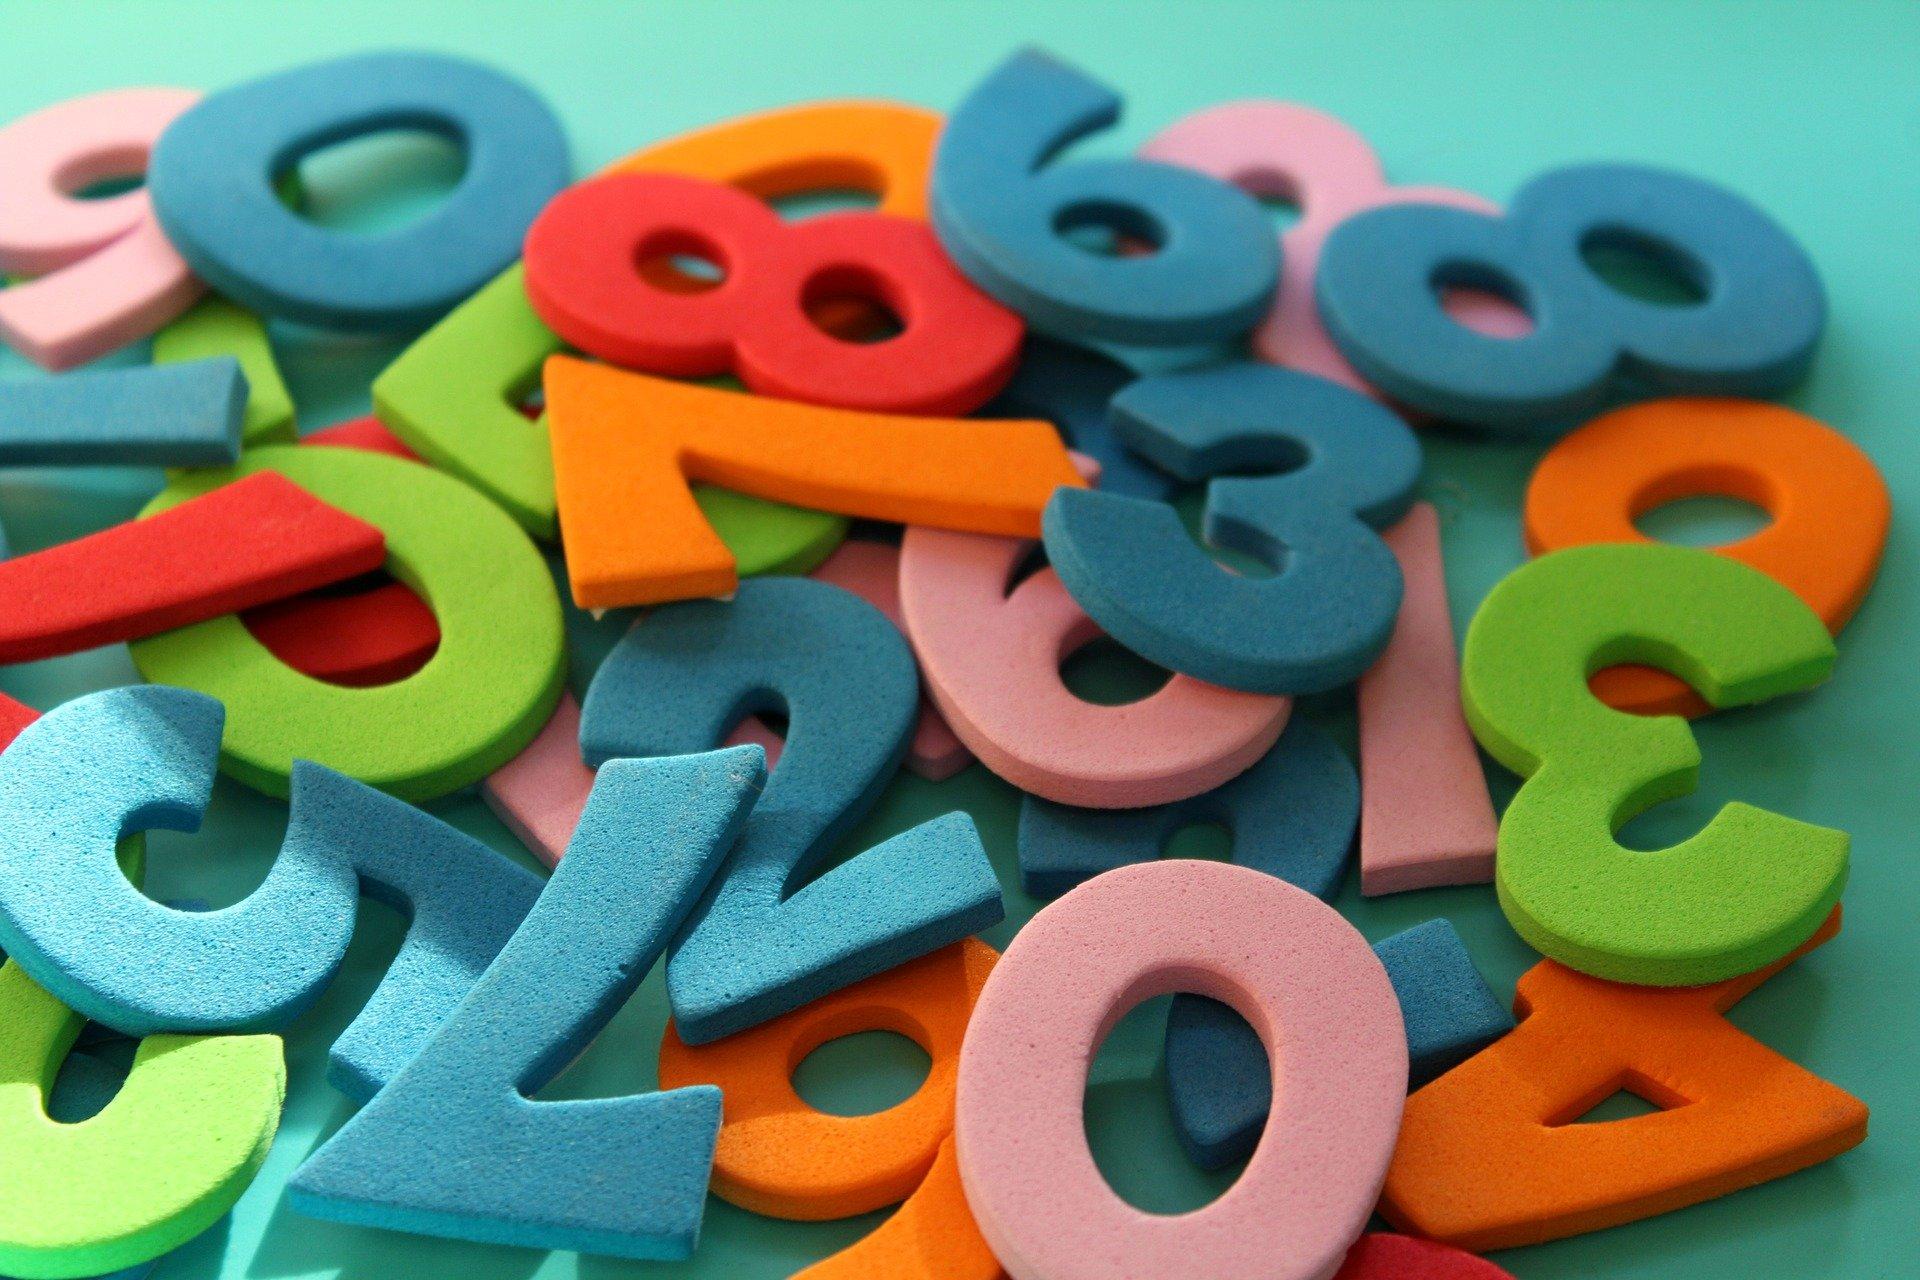 digits-4014181_1920